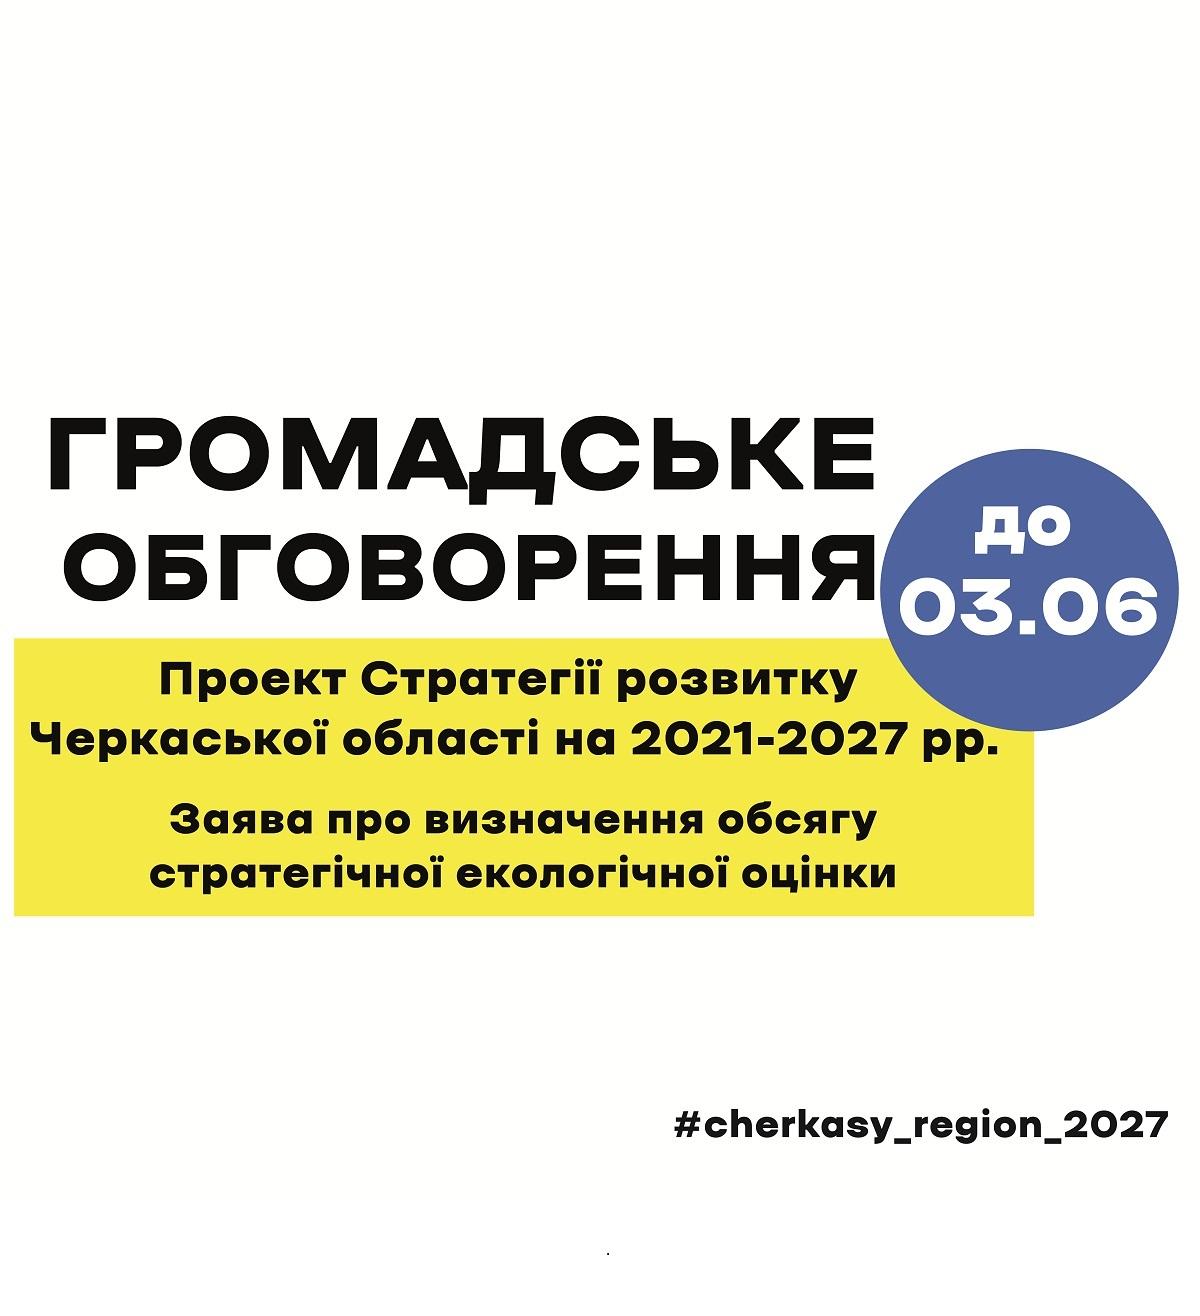 Громадське обговорення проекту Стратегії та заяви про СЕО